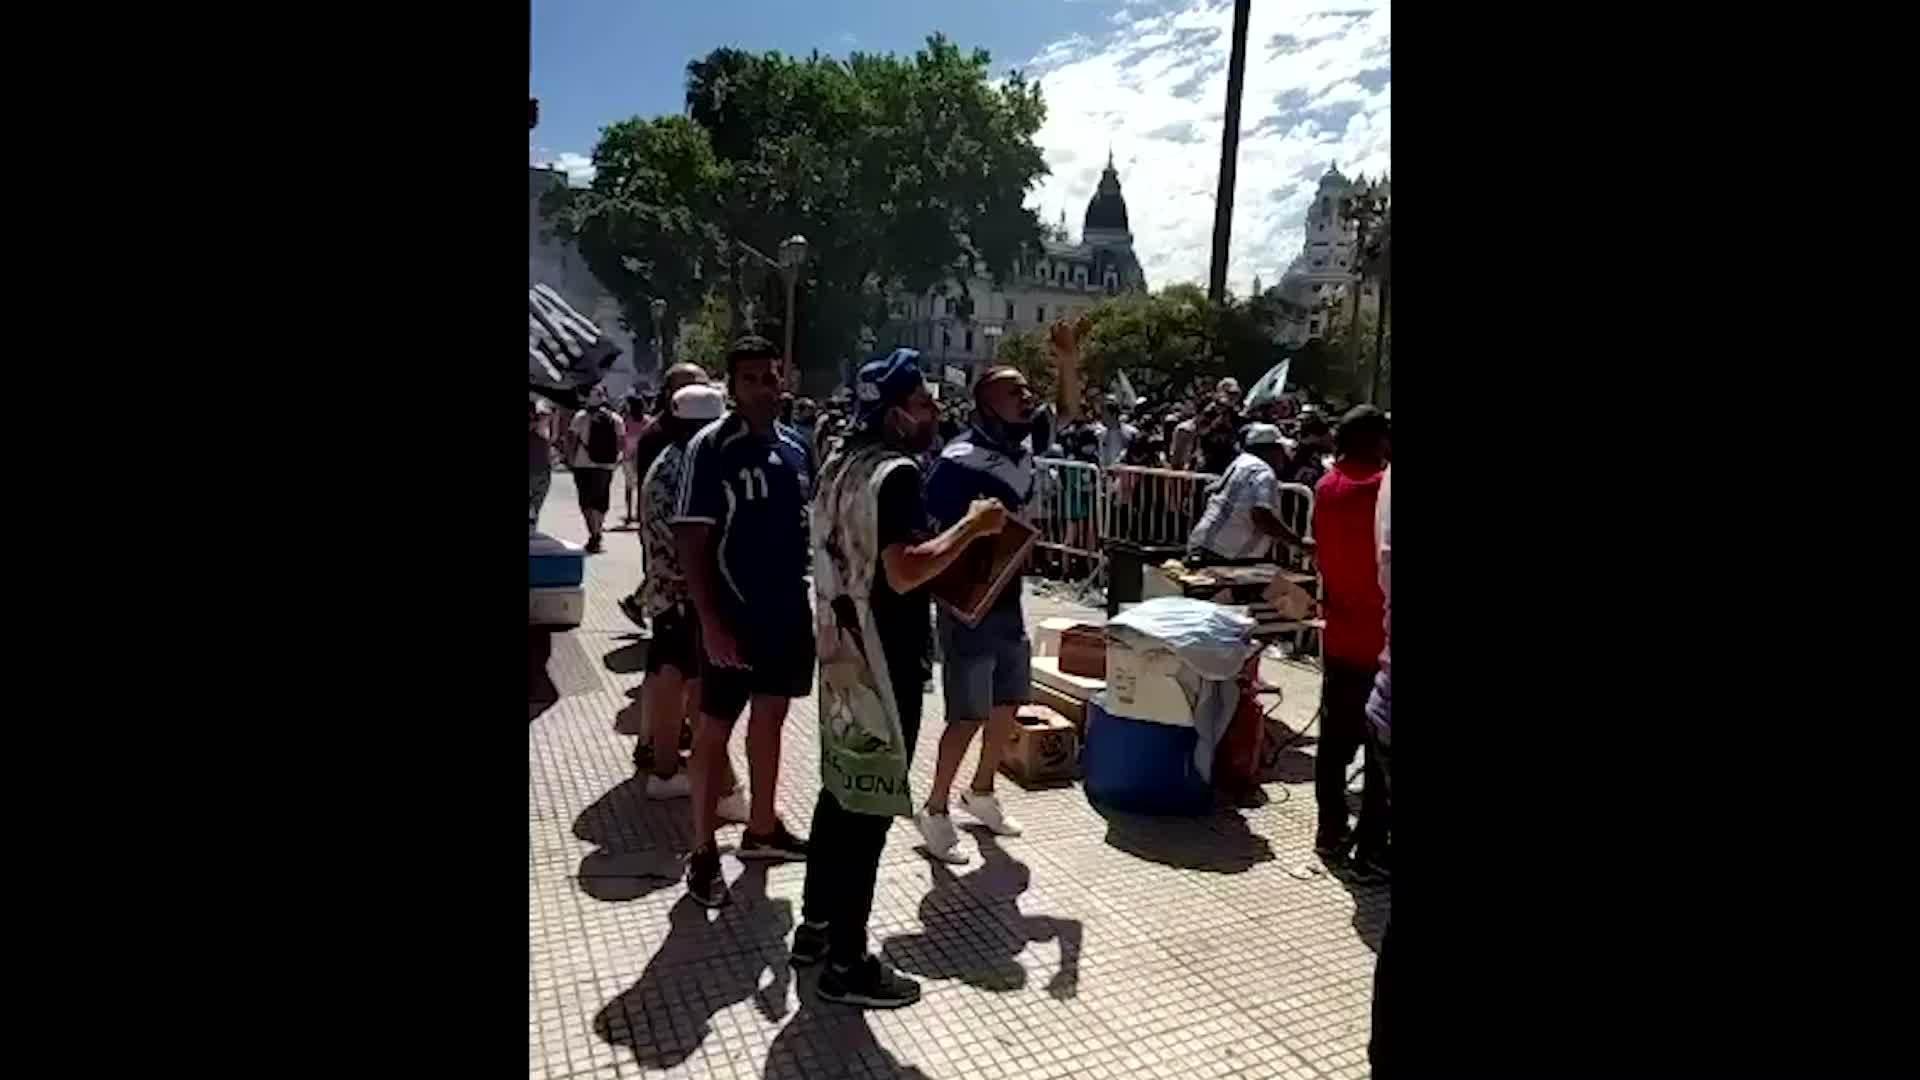 红星新闻特约记者阿根廷现场直击马拉多纳国葬礼